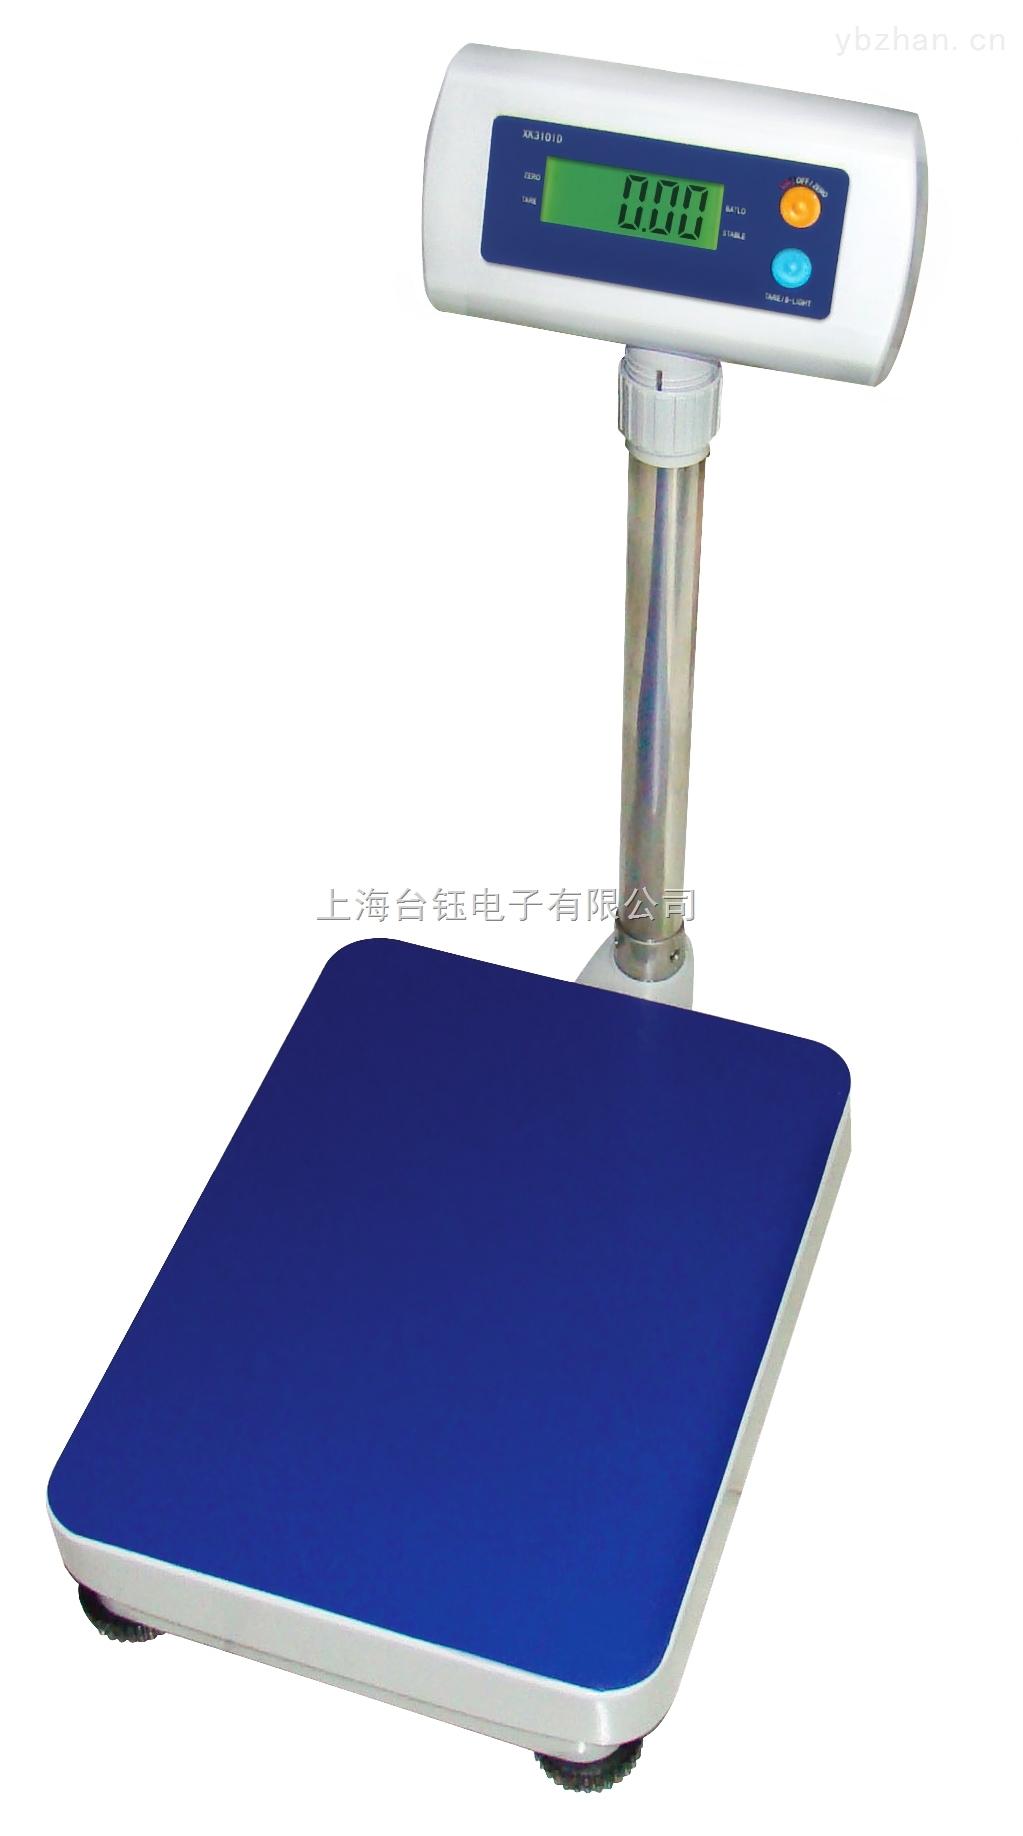 150KG防水秤  JWI-501防水台秤青岛供应商